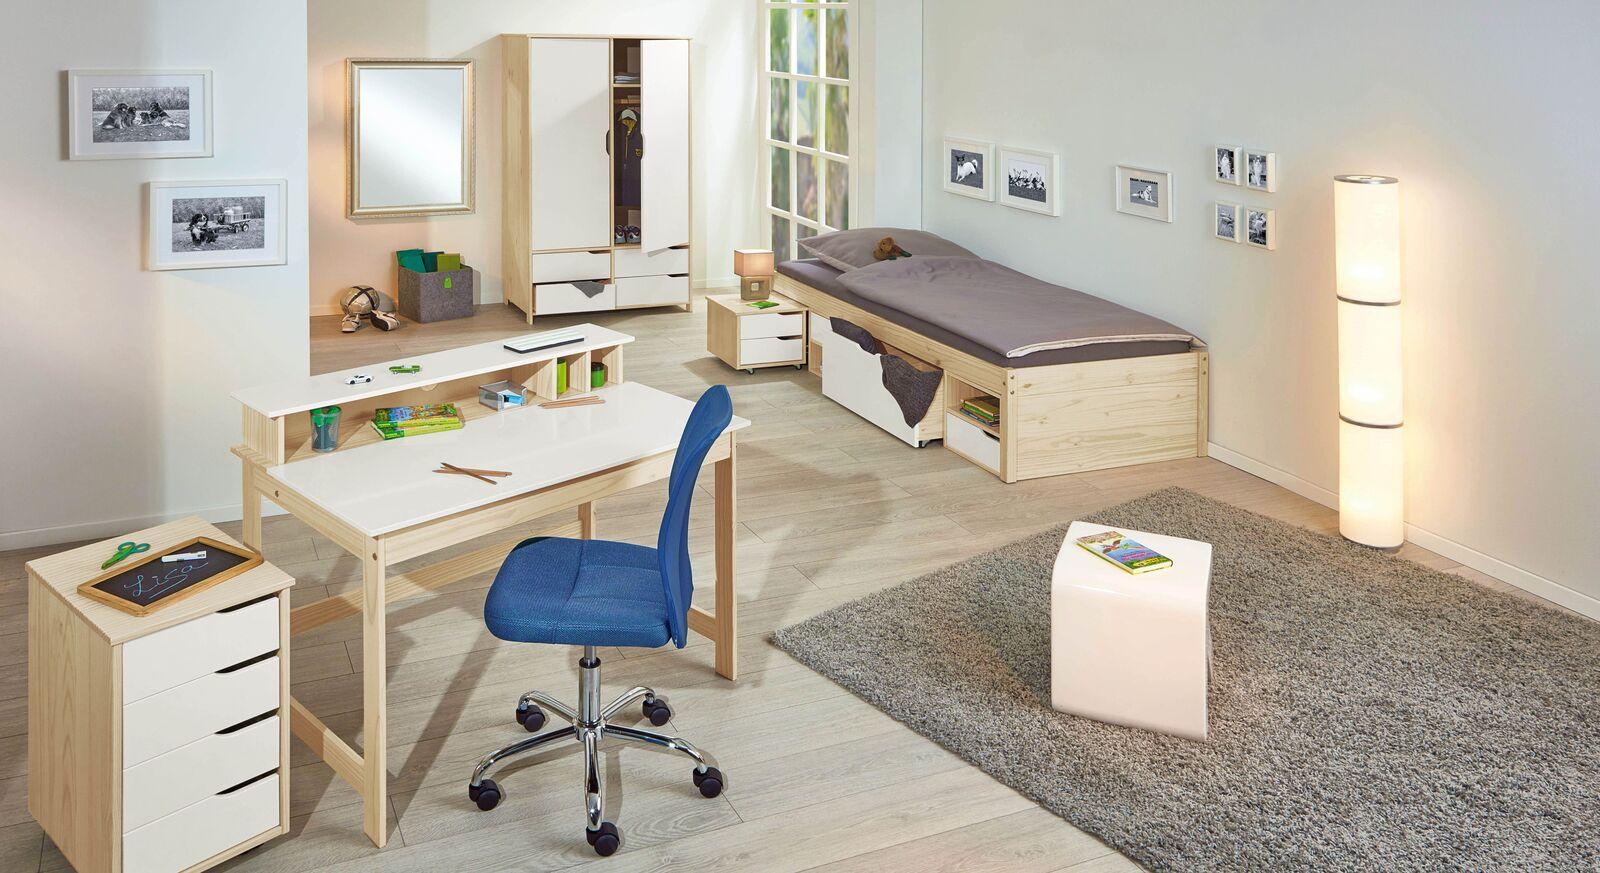 Jugendzimmer Erin mit Möbeln und Zubehör